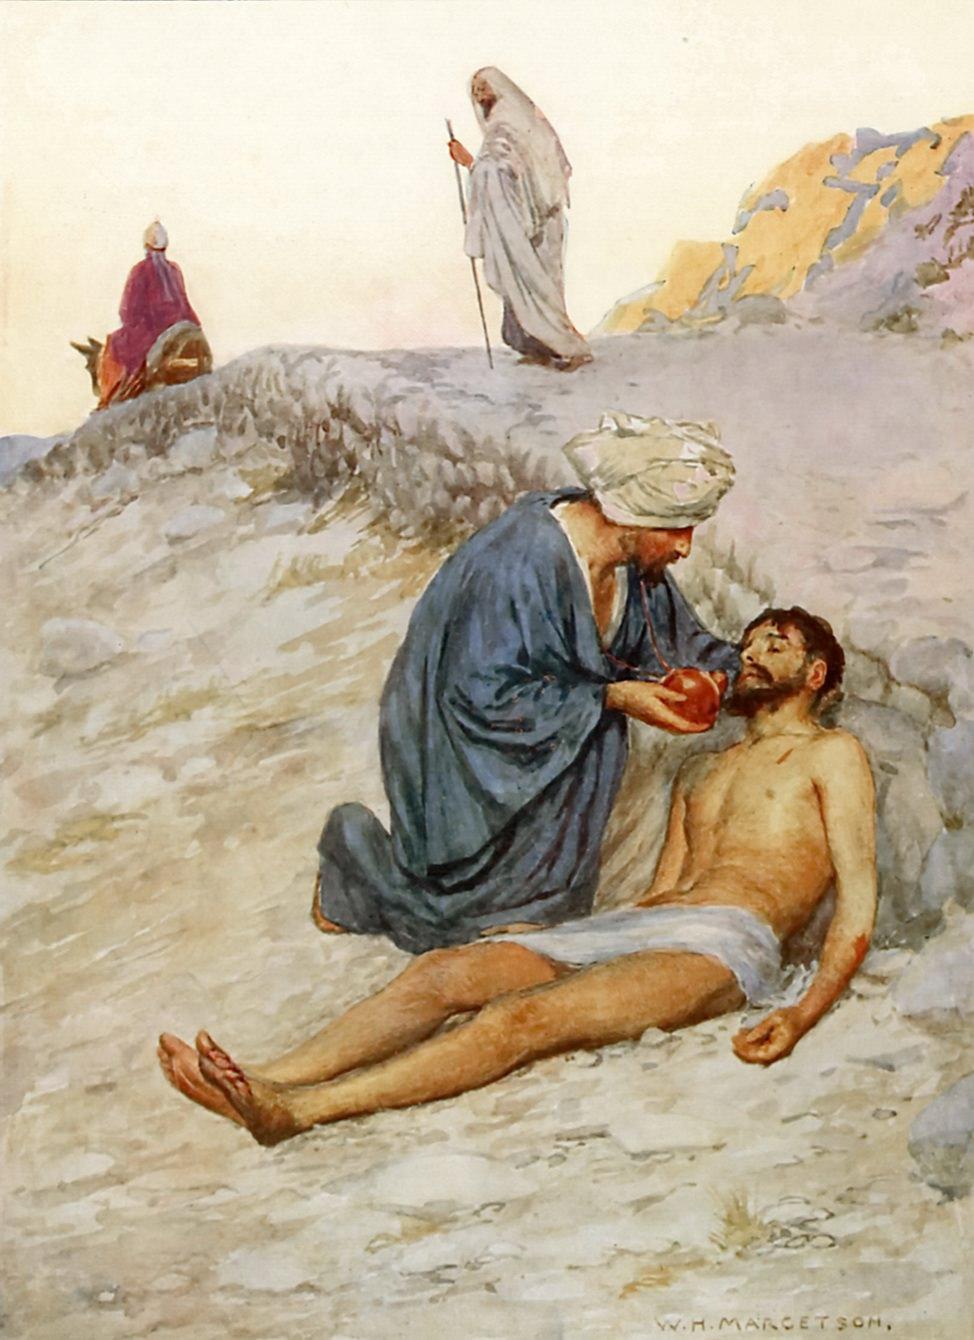 """Картина """"Добрый самаритянин"""", Уильям Генри Маргетсон"""